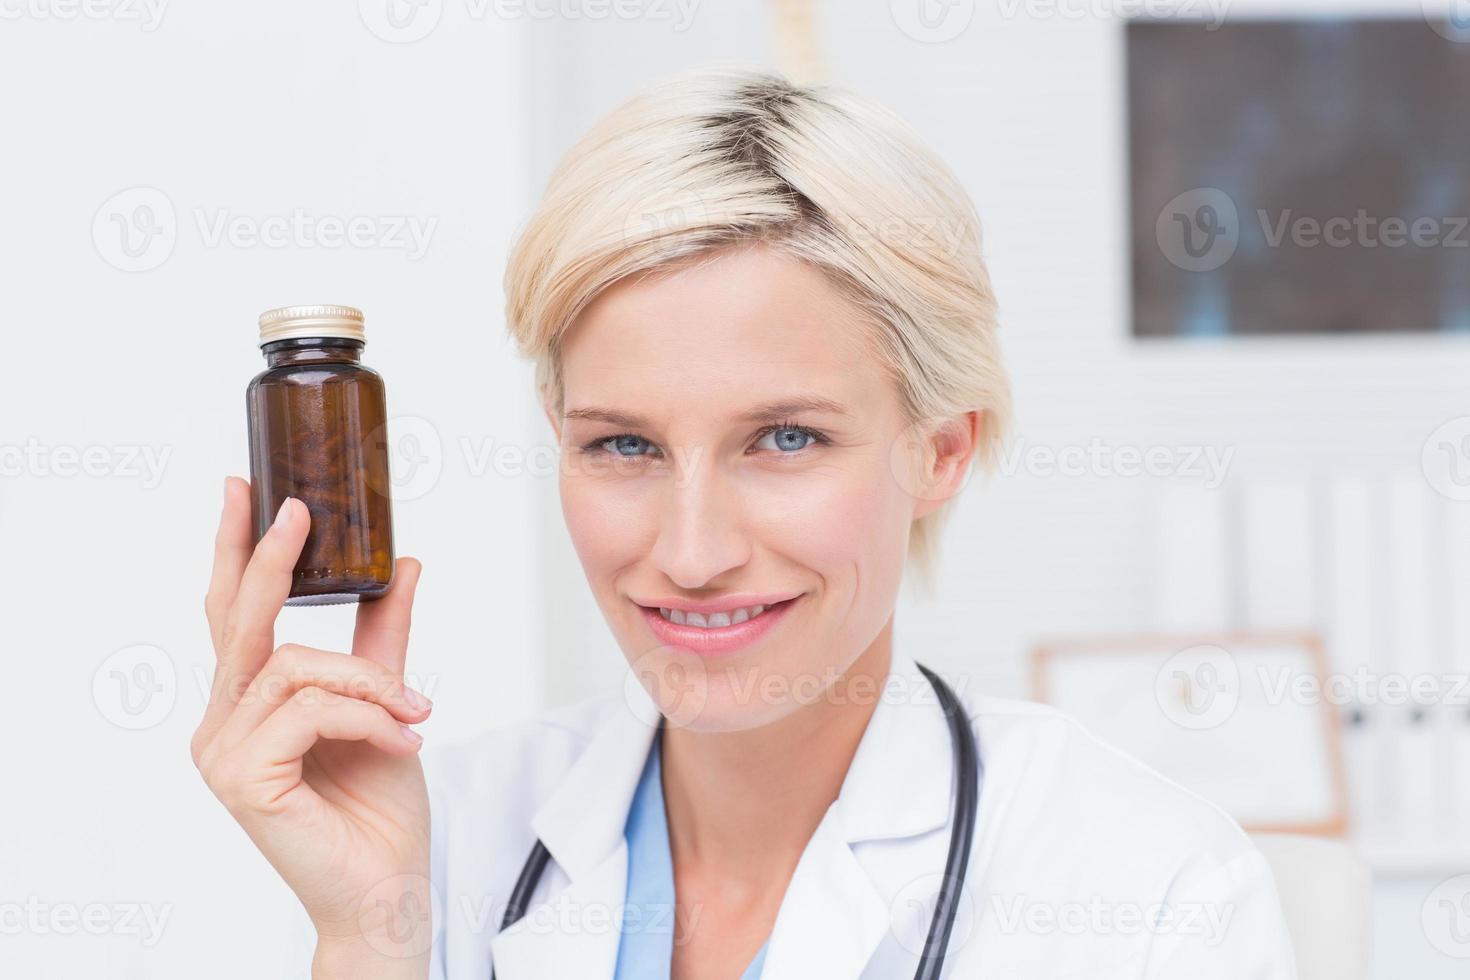 selbstbewusste Ärztin mit Medizinflasche foto